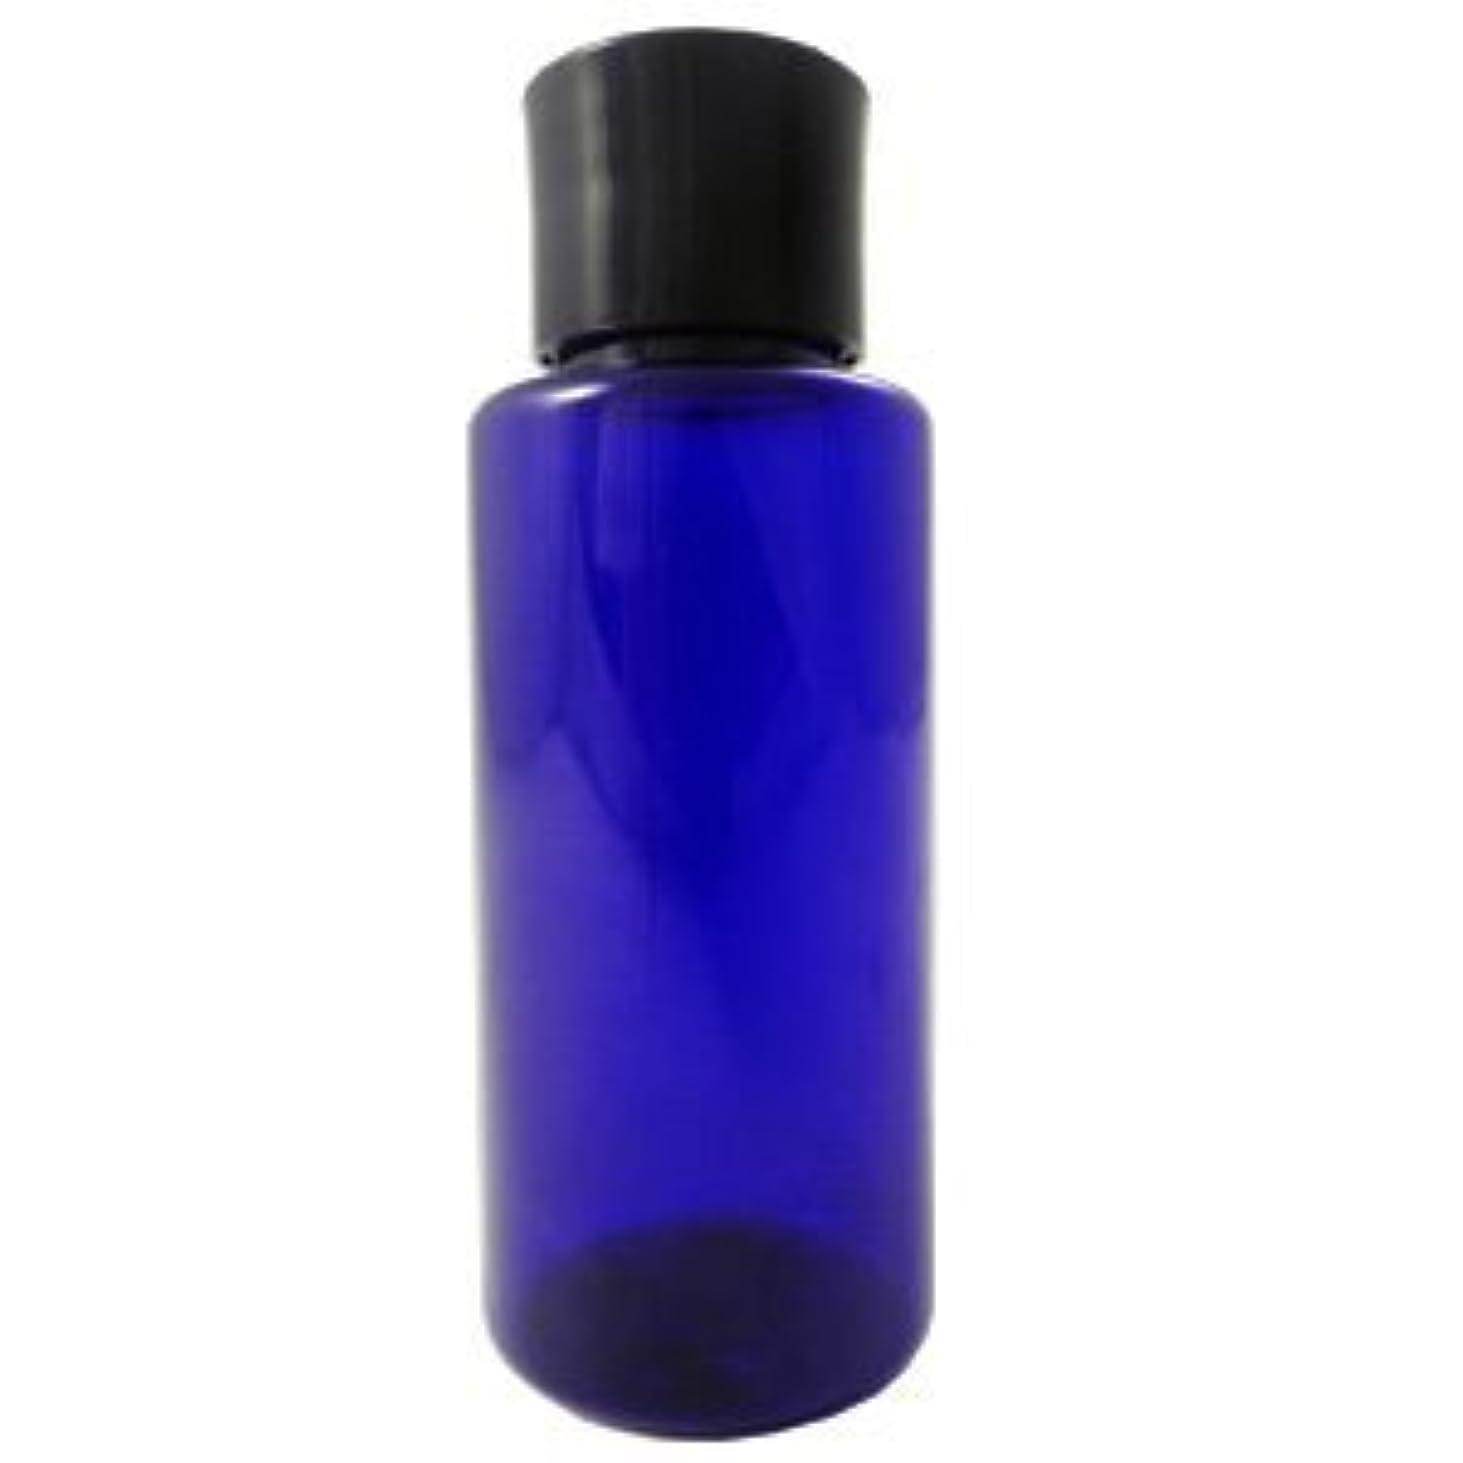 患者行動出席するPETボトル コバルトブルー (青) 50ml *化粧水用中栓